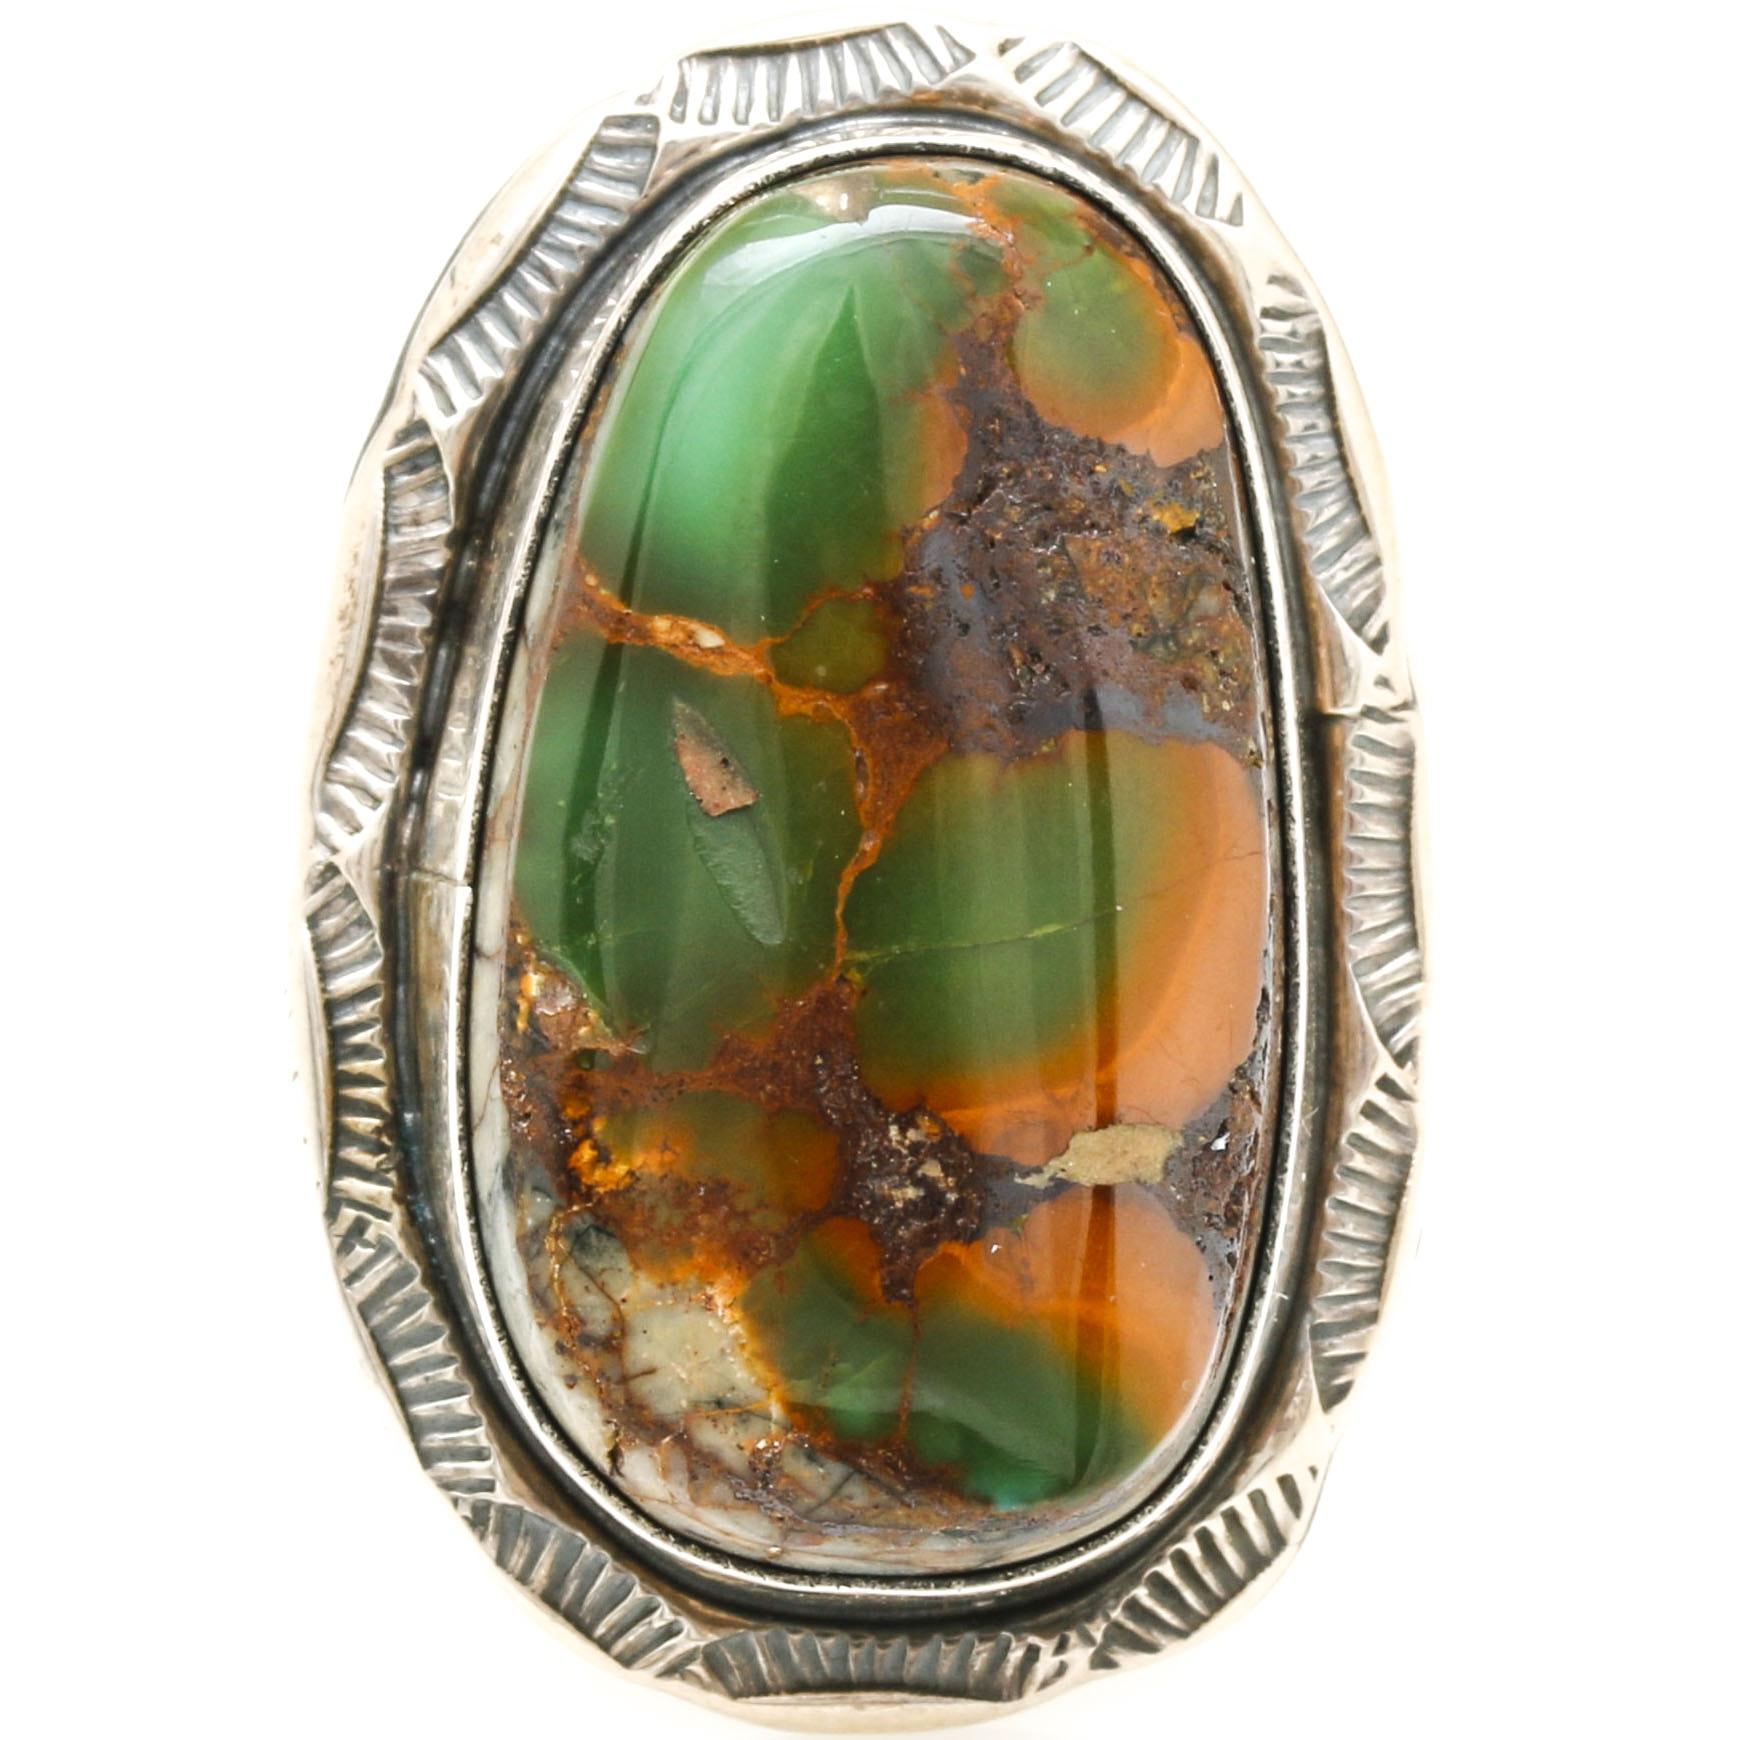 Tom Sam Navajo Sterling Silver Boulder Turquoise Ring